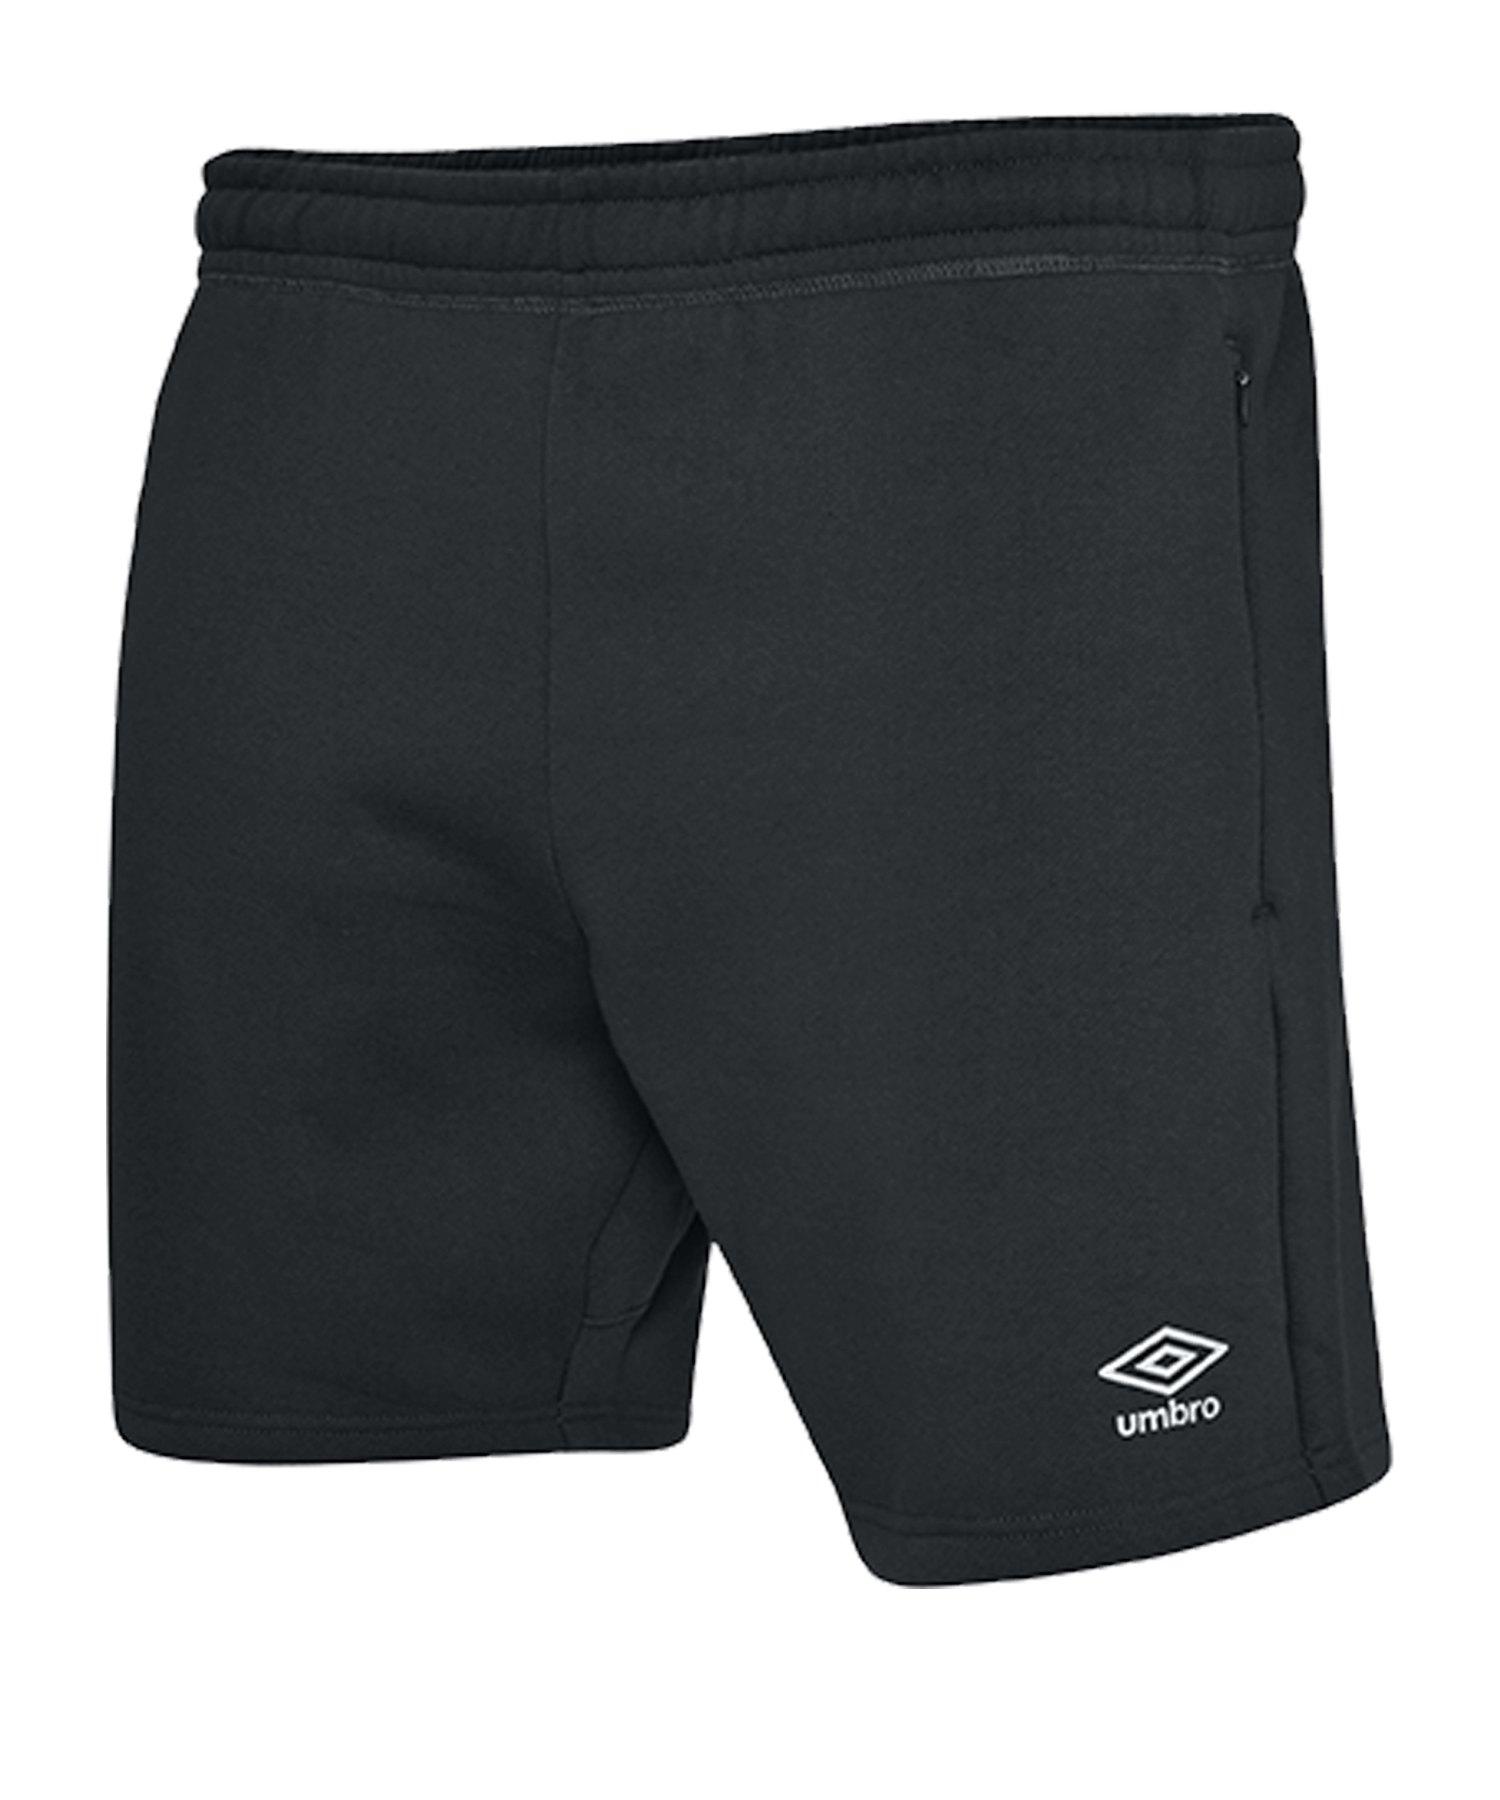 Umbro Club Leisure Jog Short Schwarz F090 - schwarz